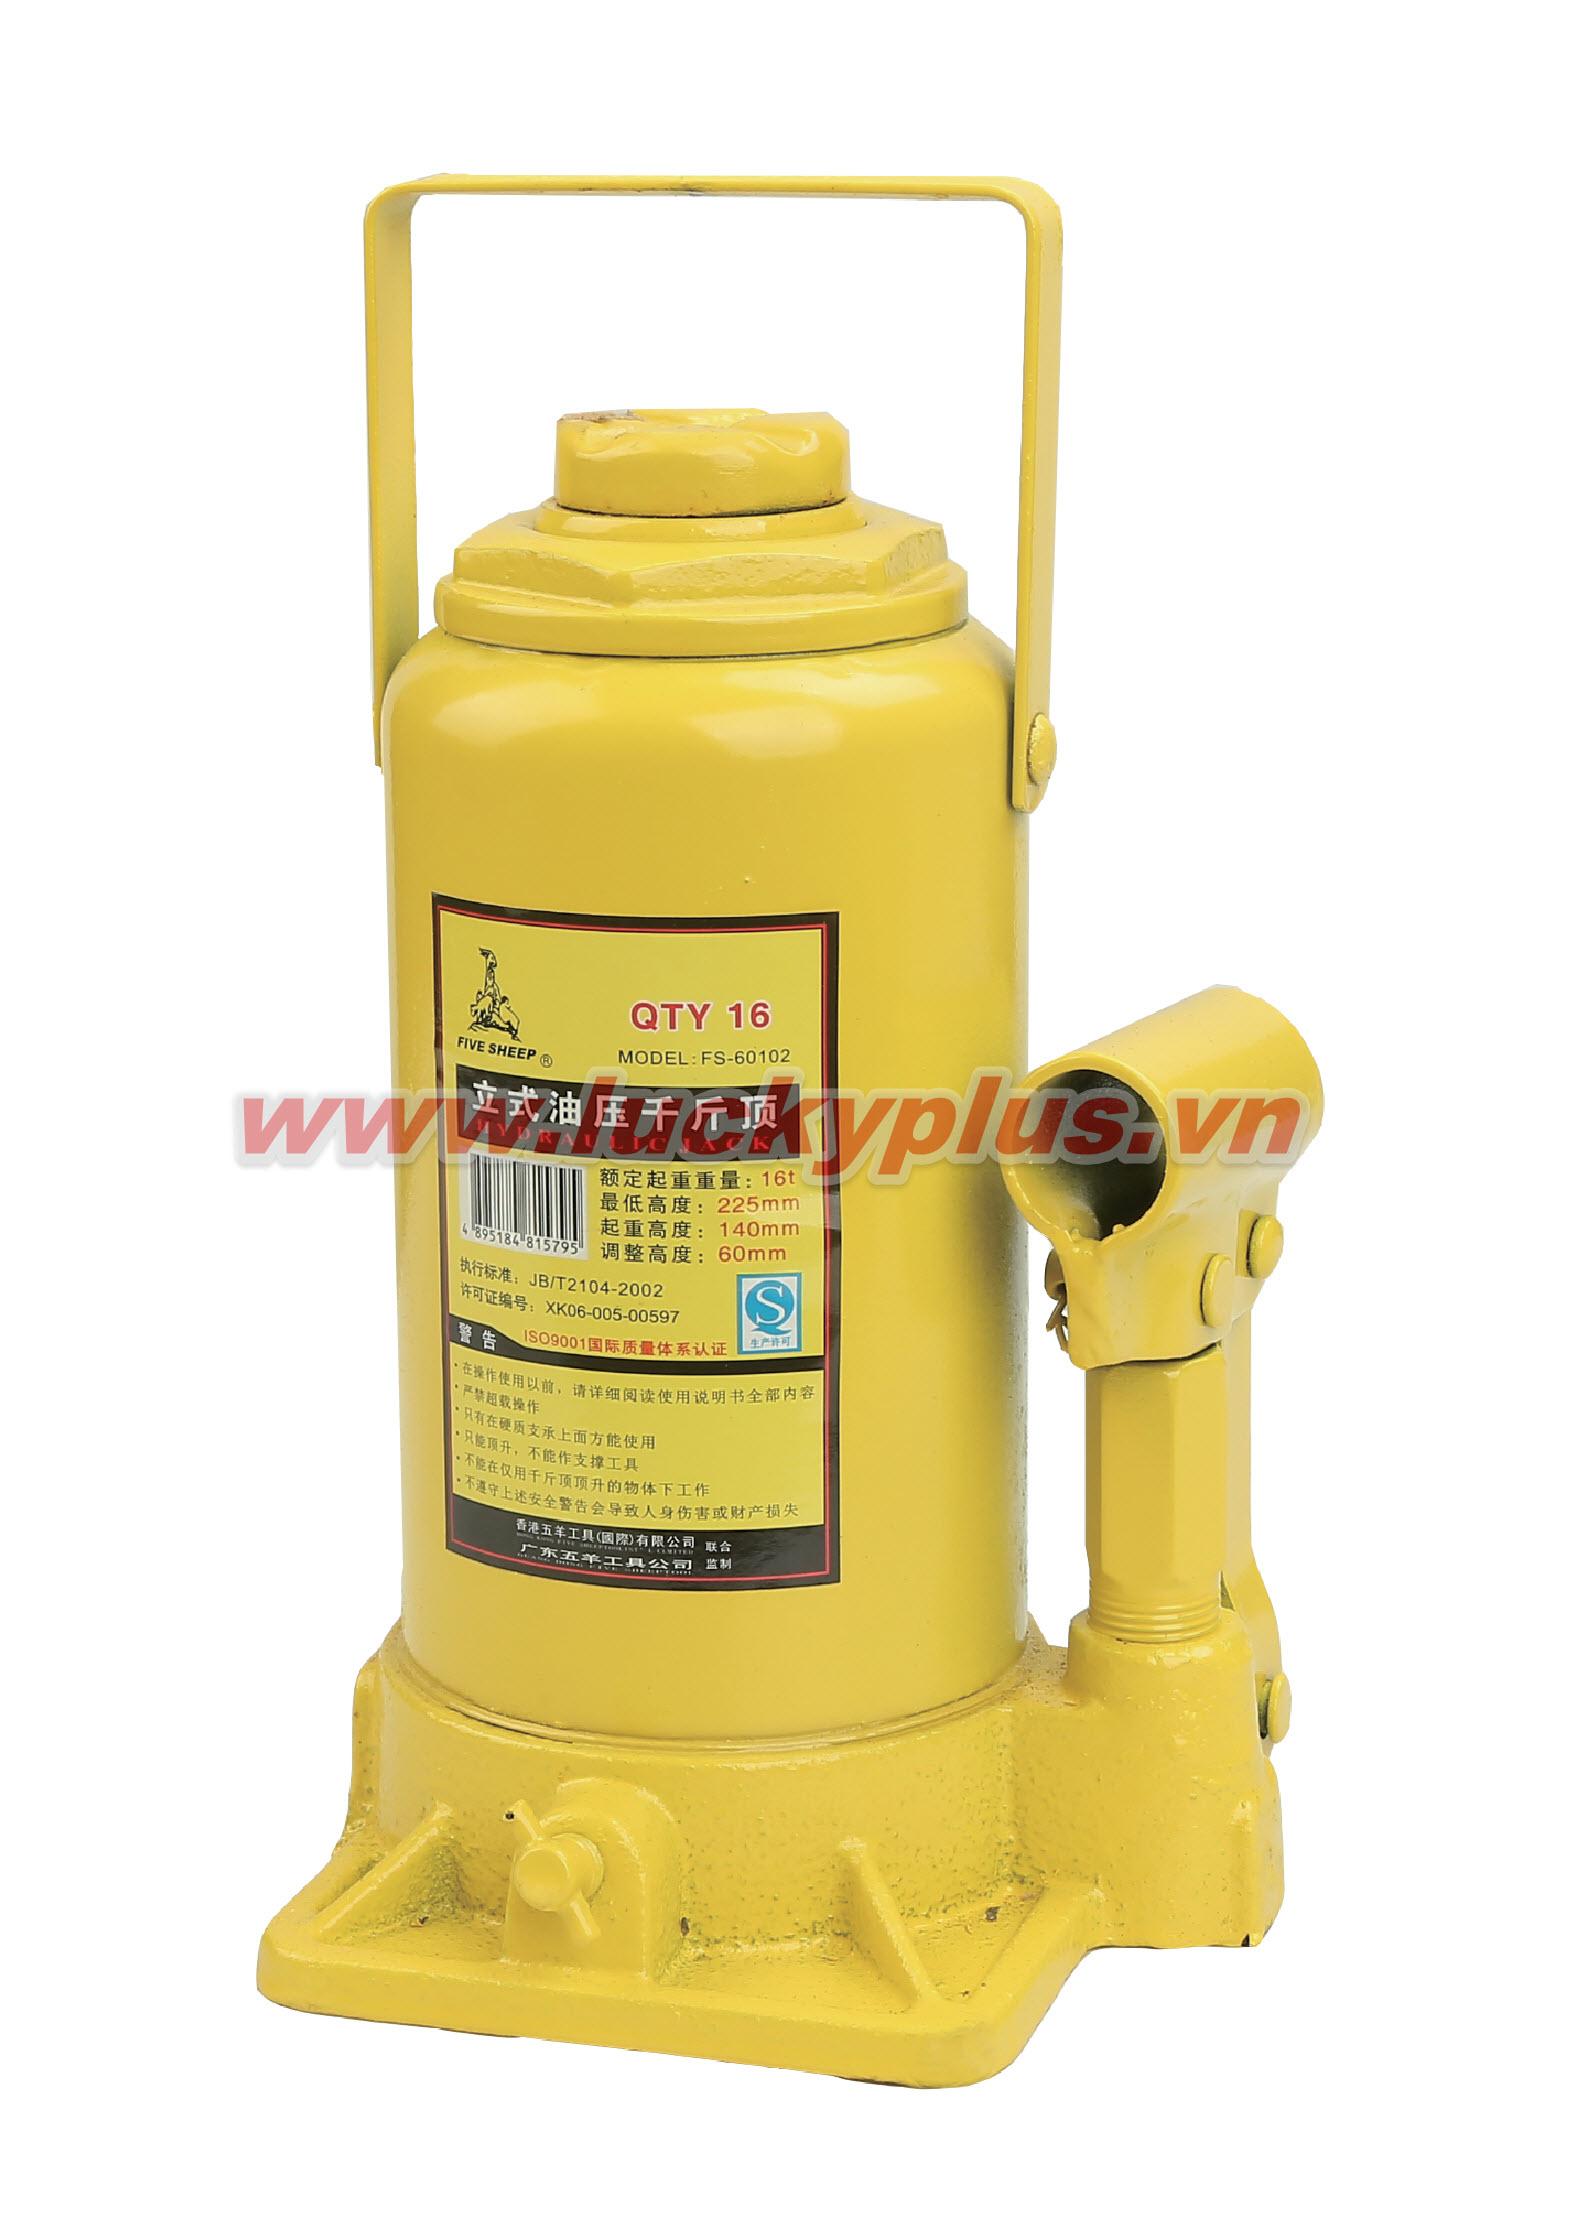 Kích thủy lực FiveSheep FS-60102 2T, FS-60104 4T, FS-60106 6T, FS-60108 8T…